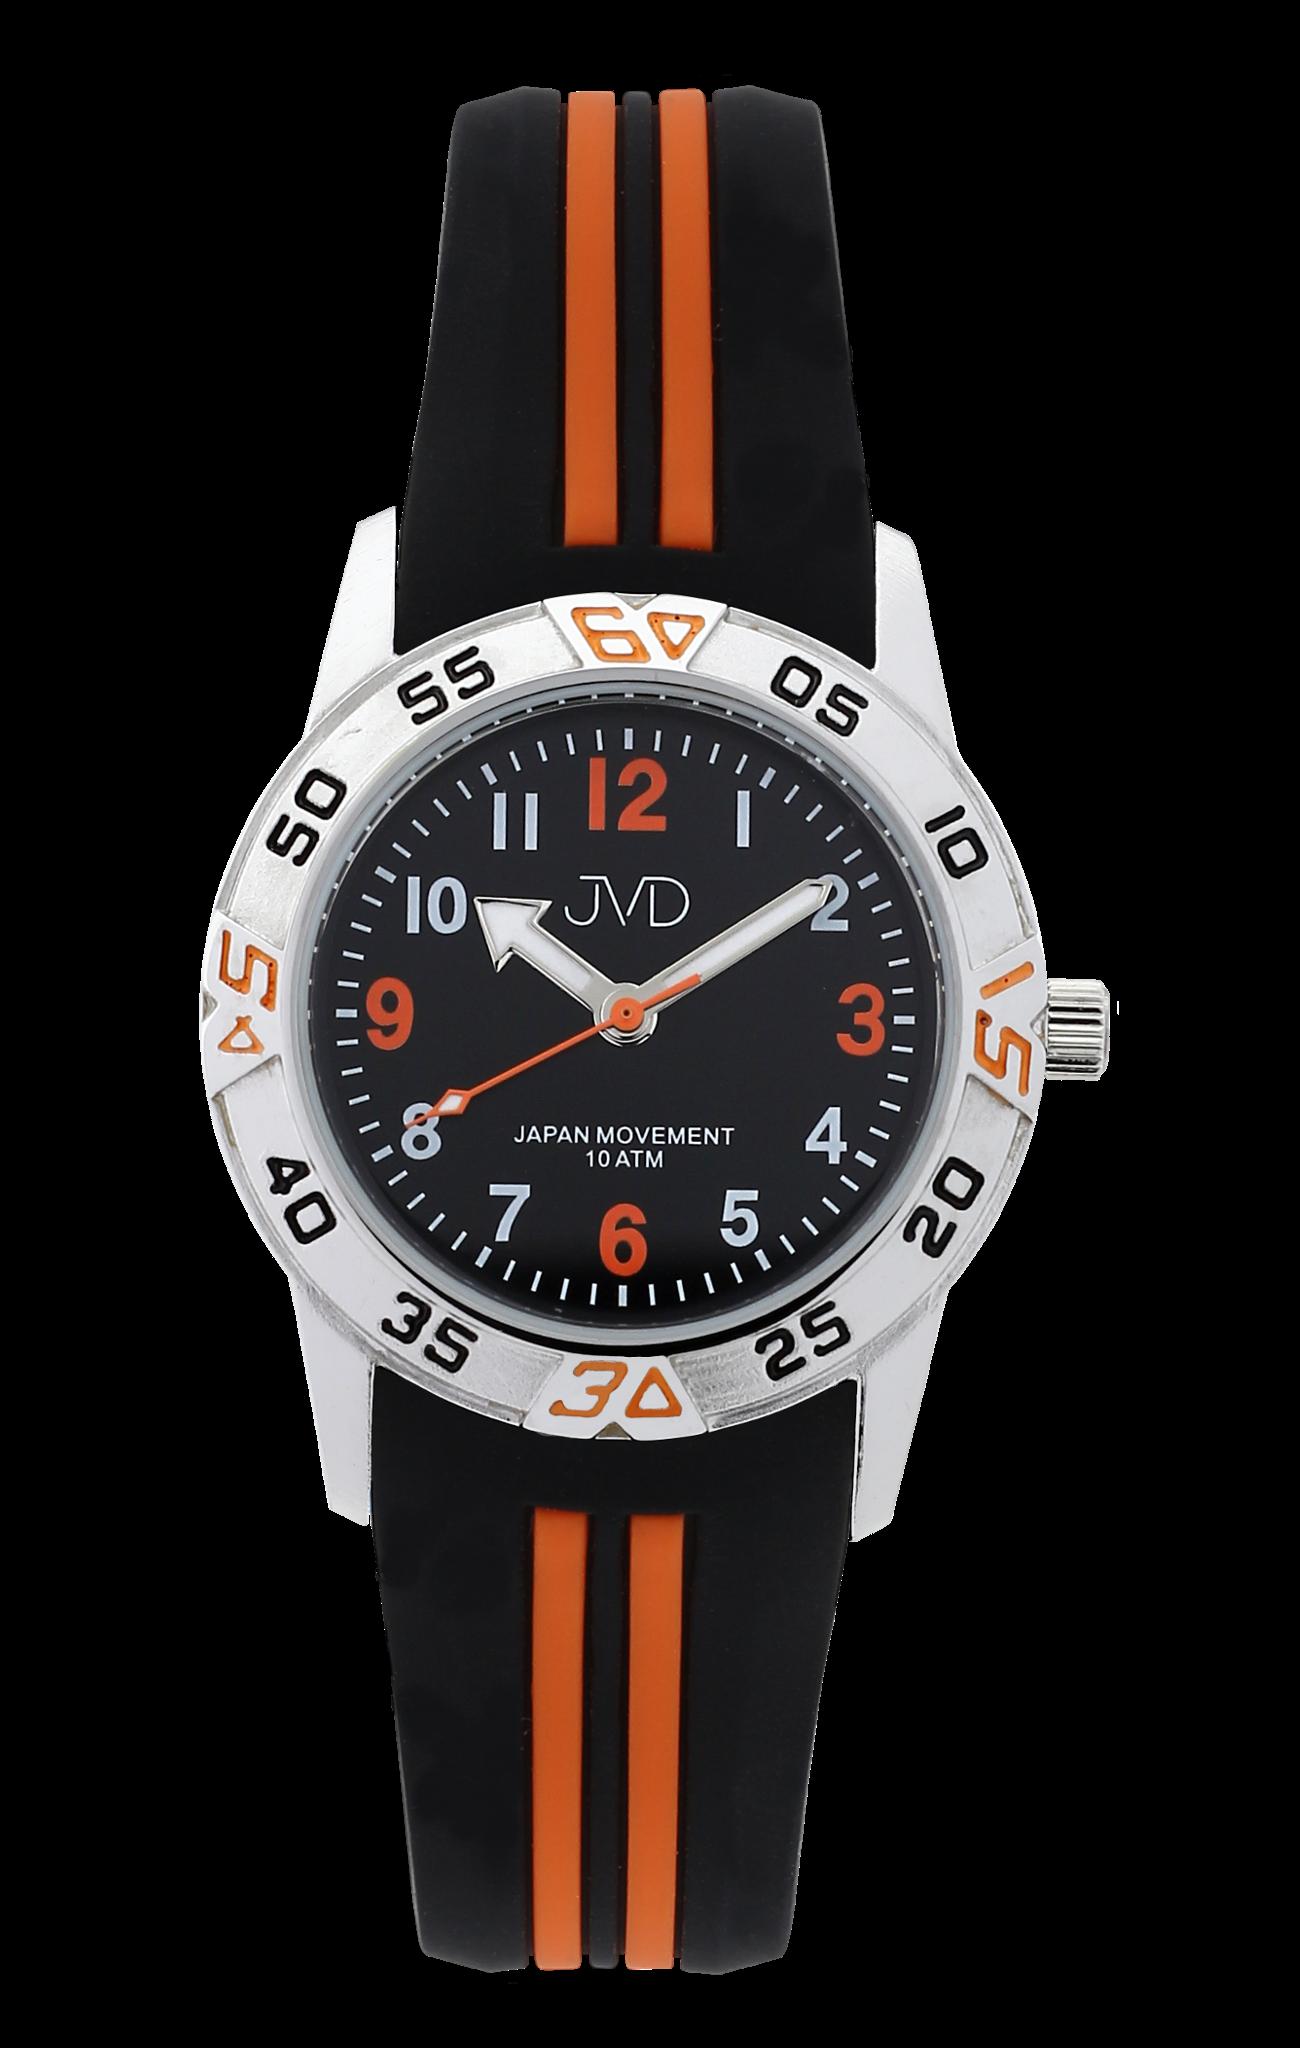 Černooranžové sportovní odolné dětské chlapecké vodotěsné hodinky JVD  J7187.1 - 10ATM ee306b71222